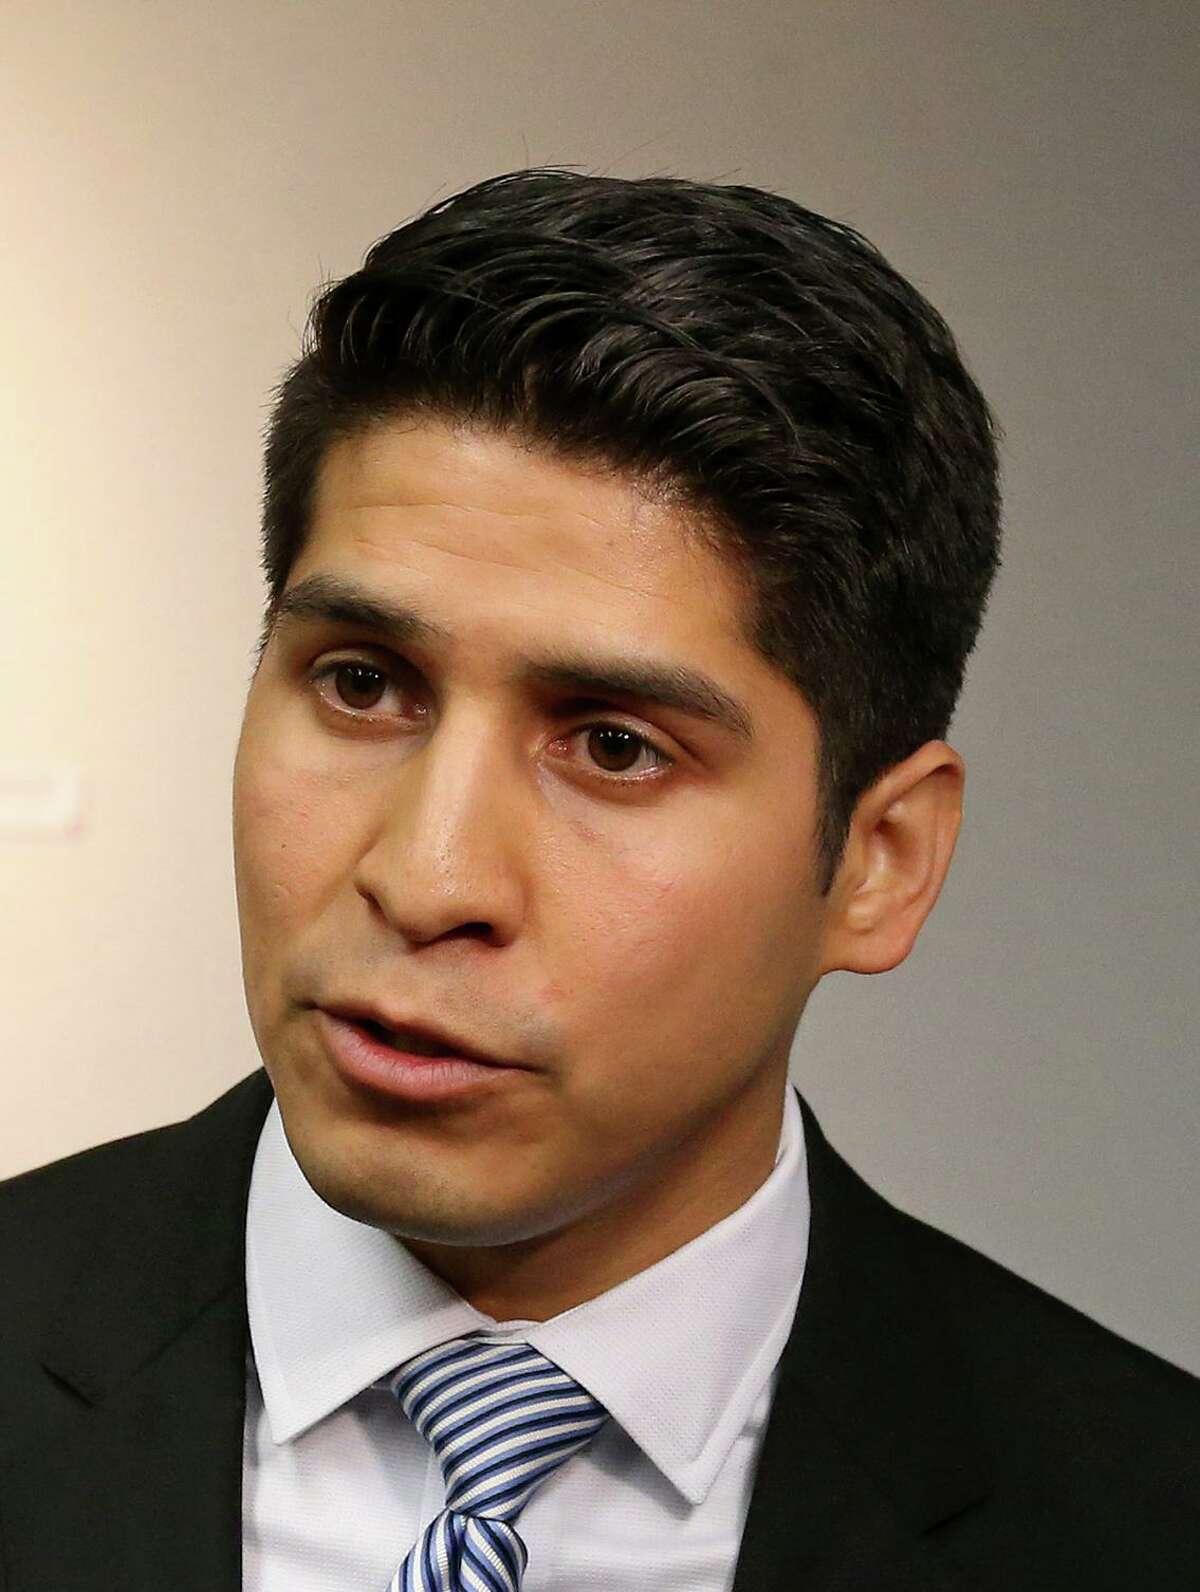 San Antonio City Councilman Rey Saldana